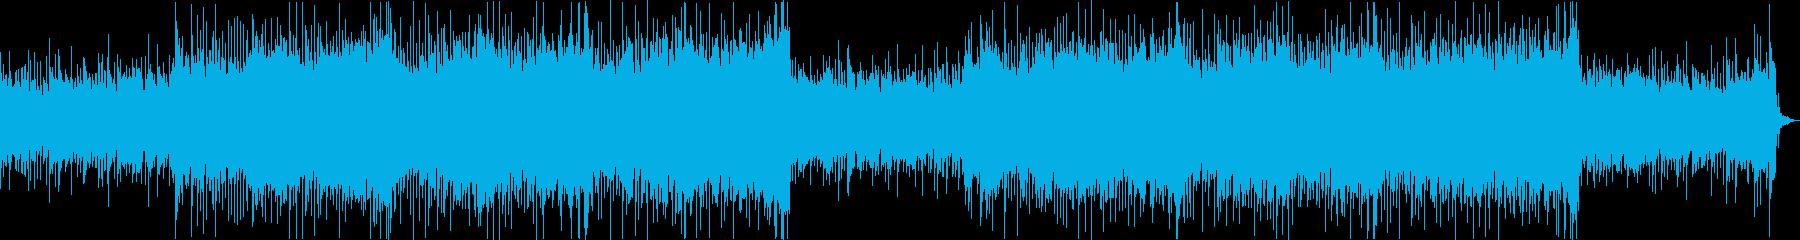 爽やか軽快ノスタルジックCMアコギ曲aの再生済みの波形